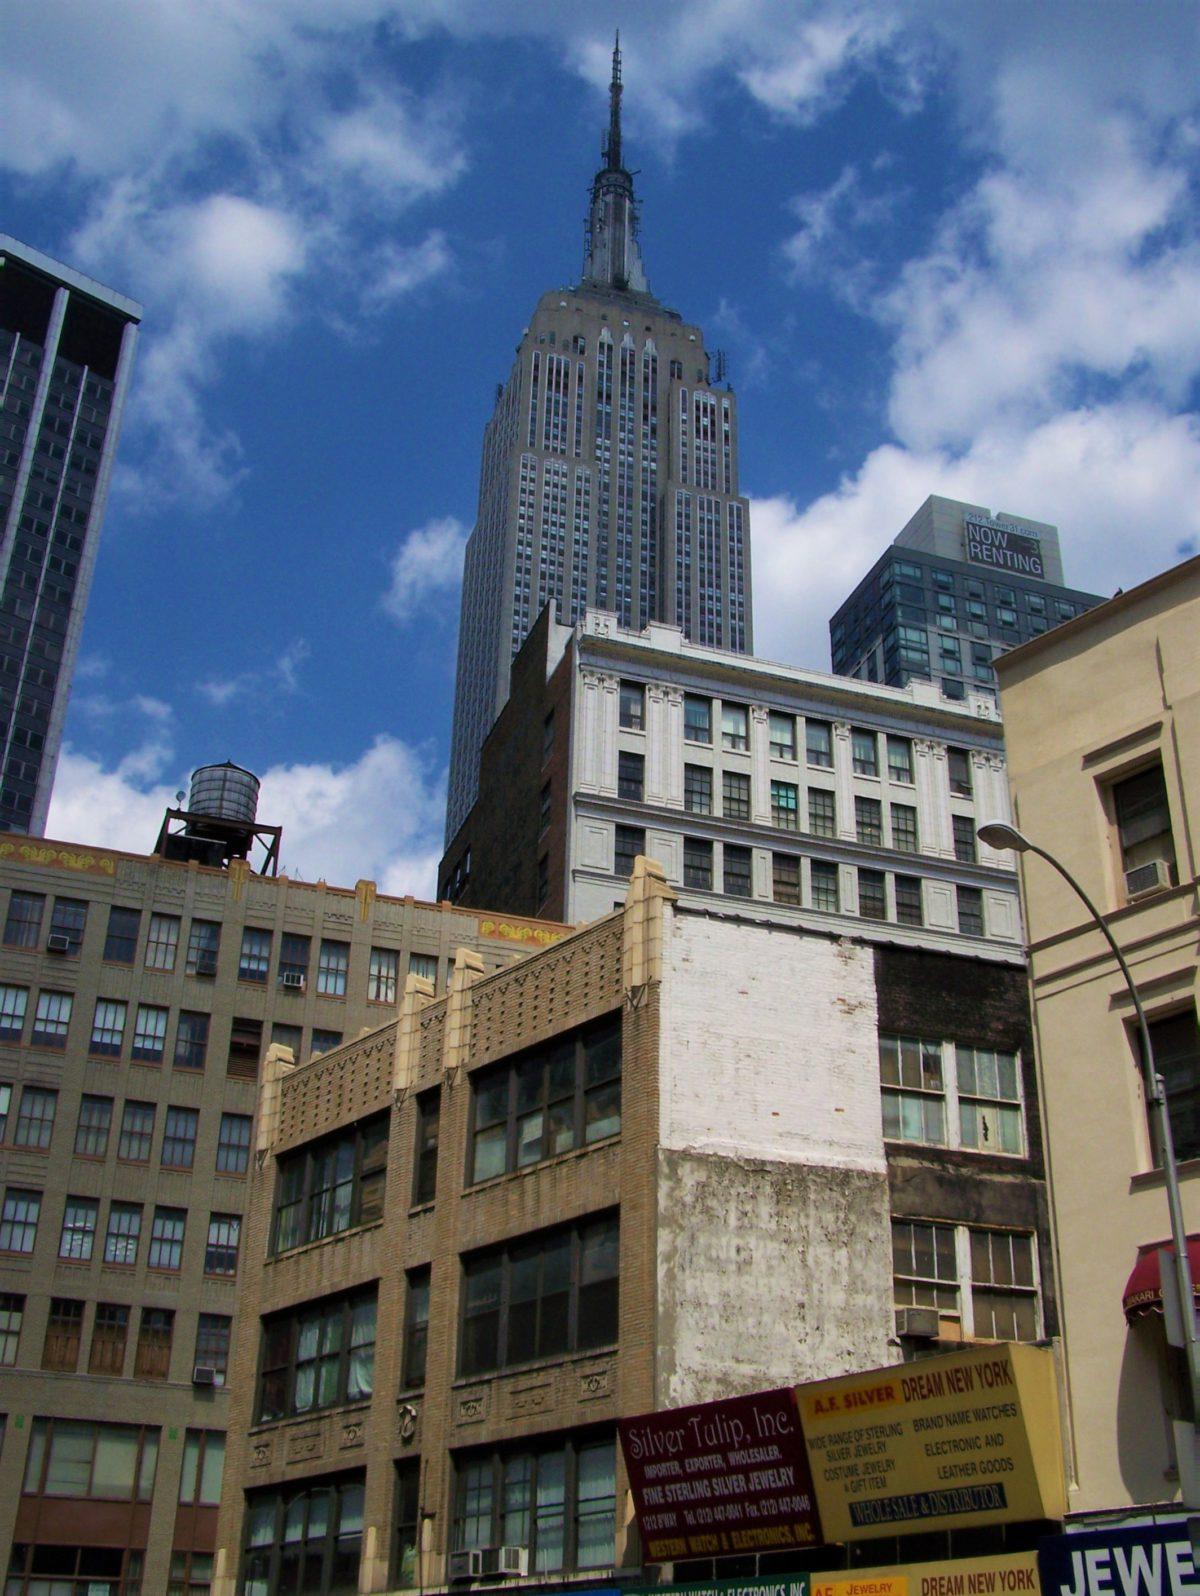 Najsłynniejszy w Nowym Jorku drapacz chmur króluje nad wszystkimi budynkami w okolicy